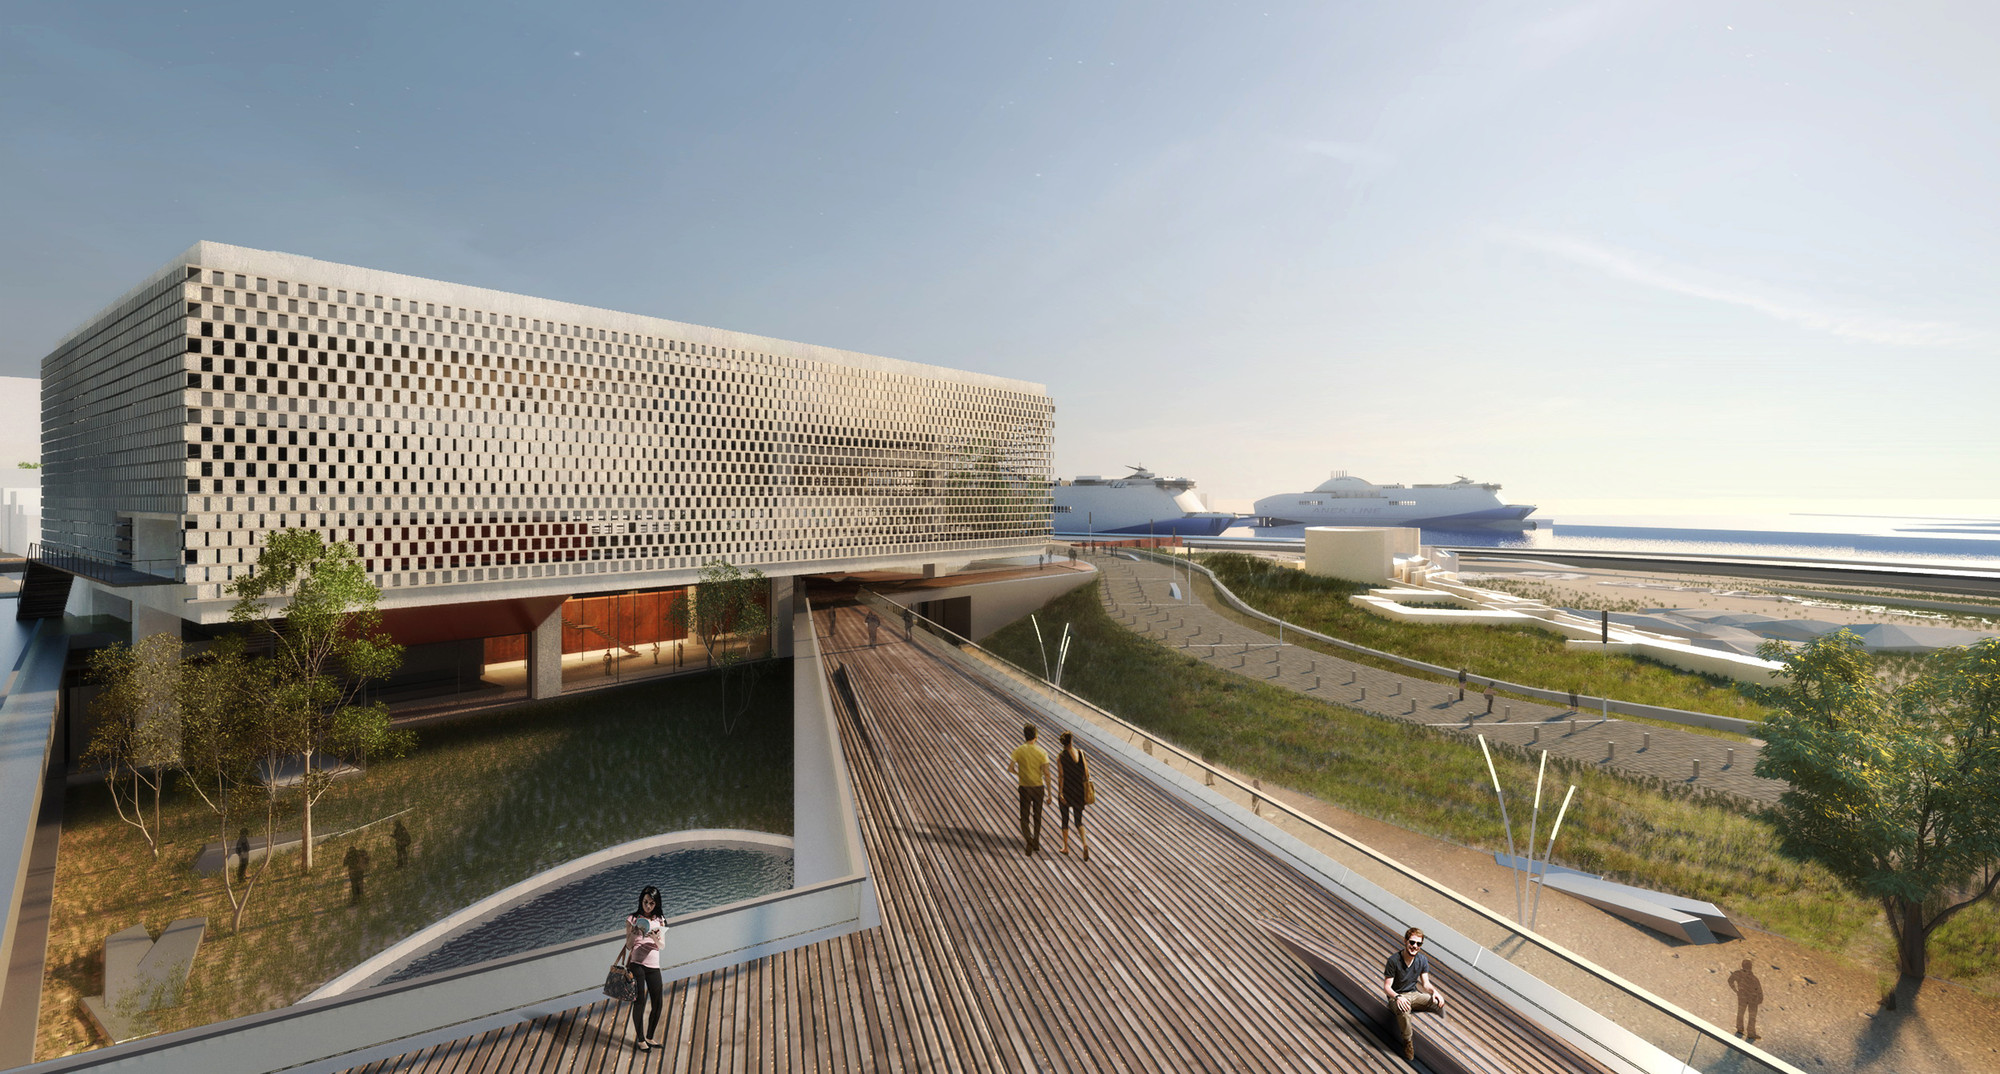 Vista sobre el deck urbano. Imágen cortesía de Tsabikos Petras Architectural Studio